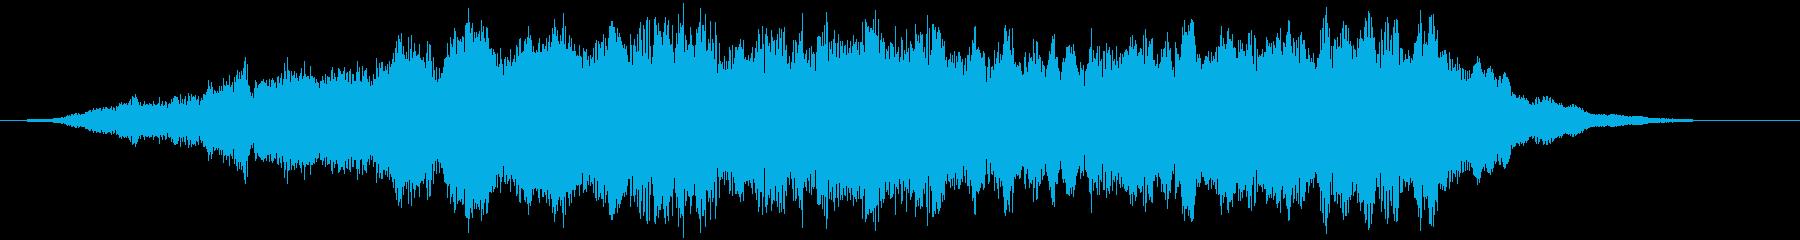 【ダーク】シーン_40 不穏の再生済みの波形